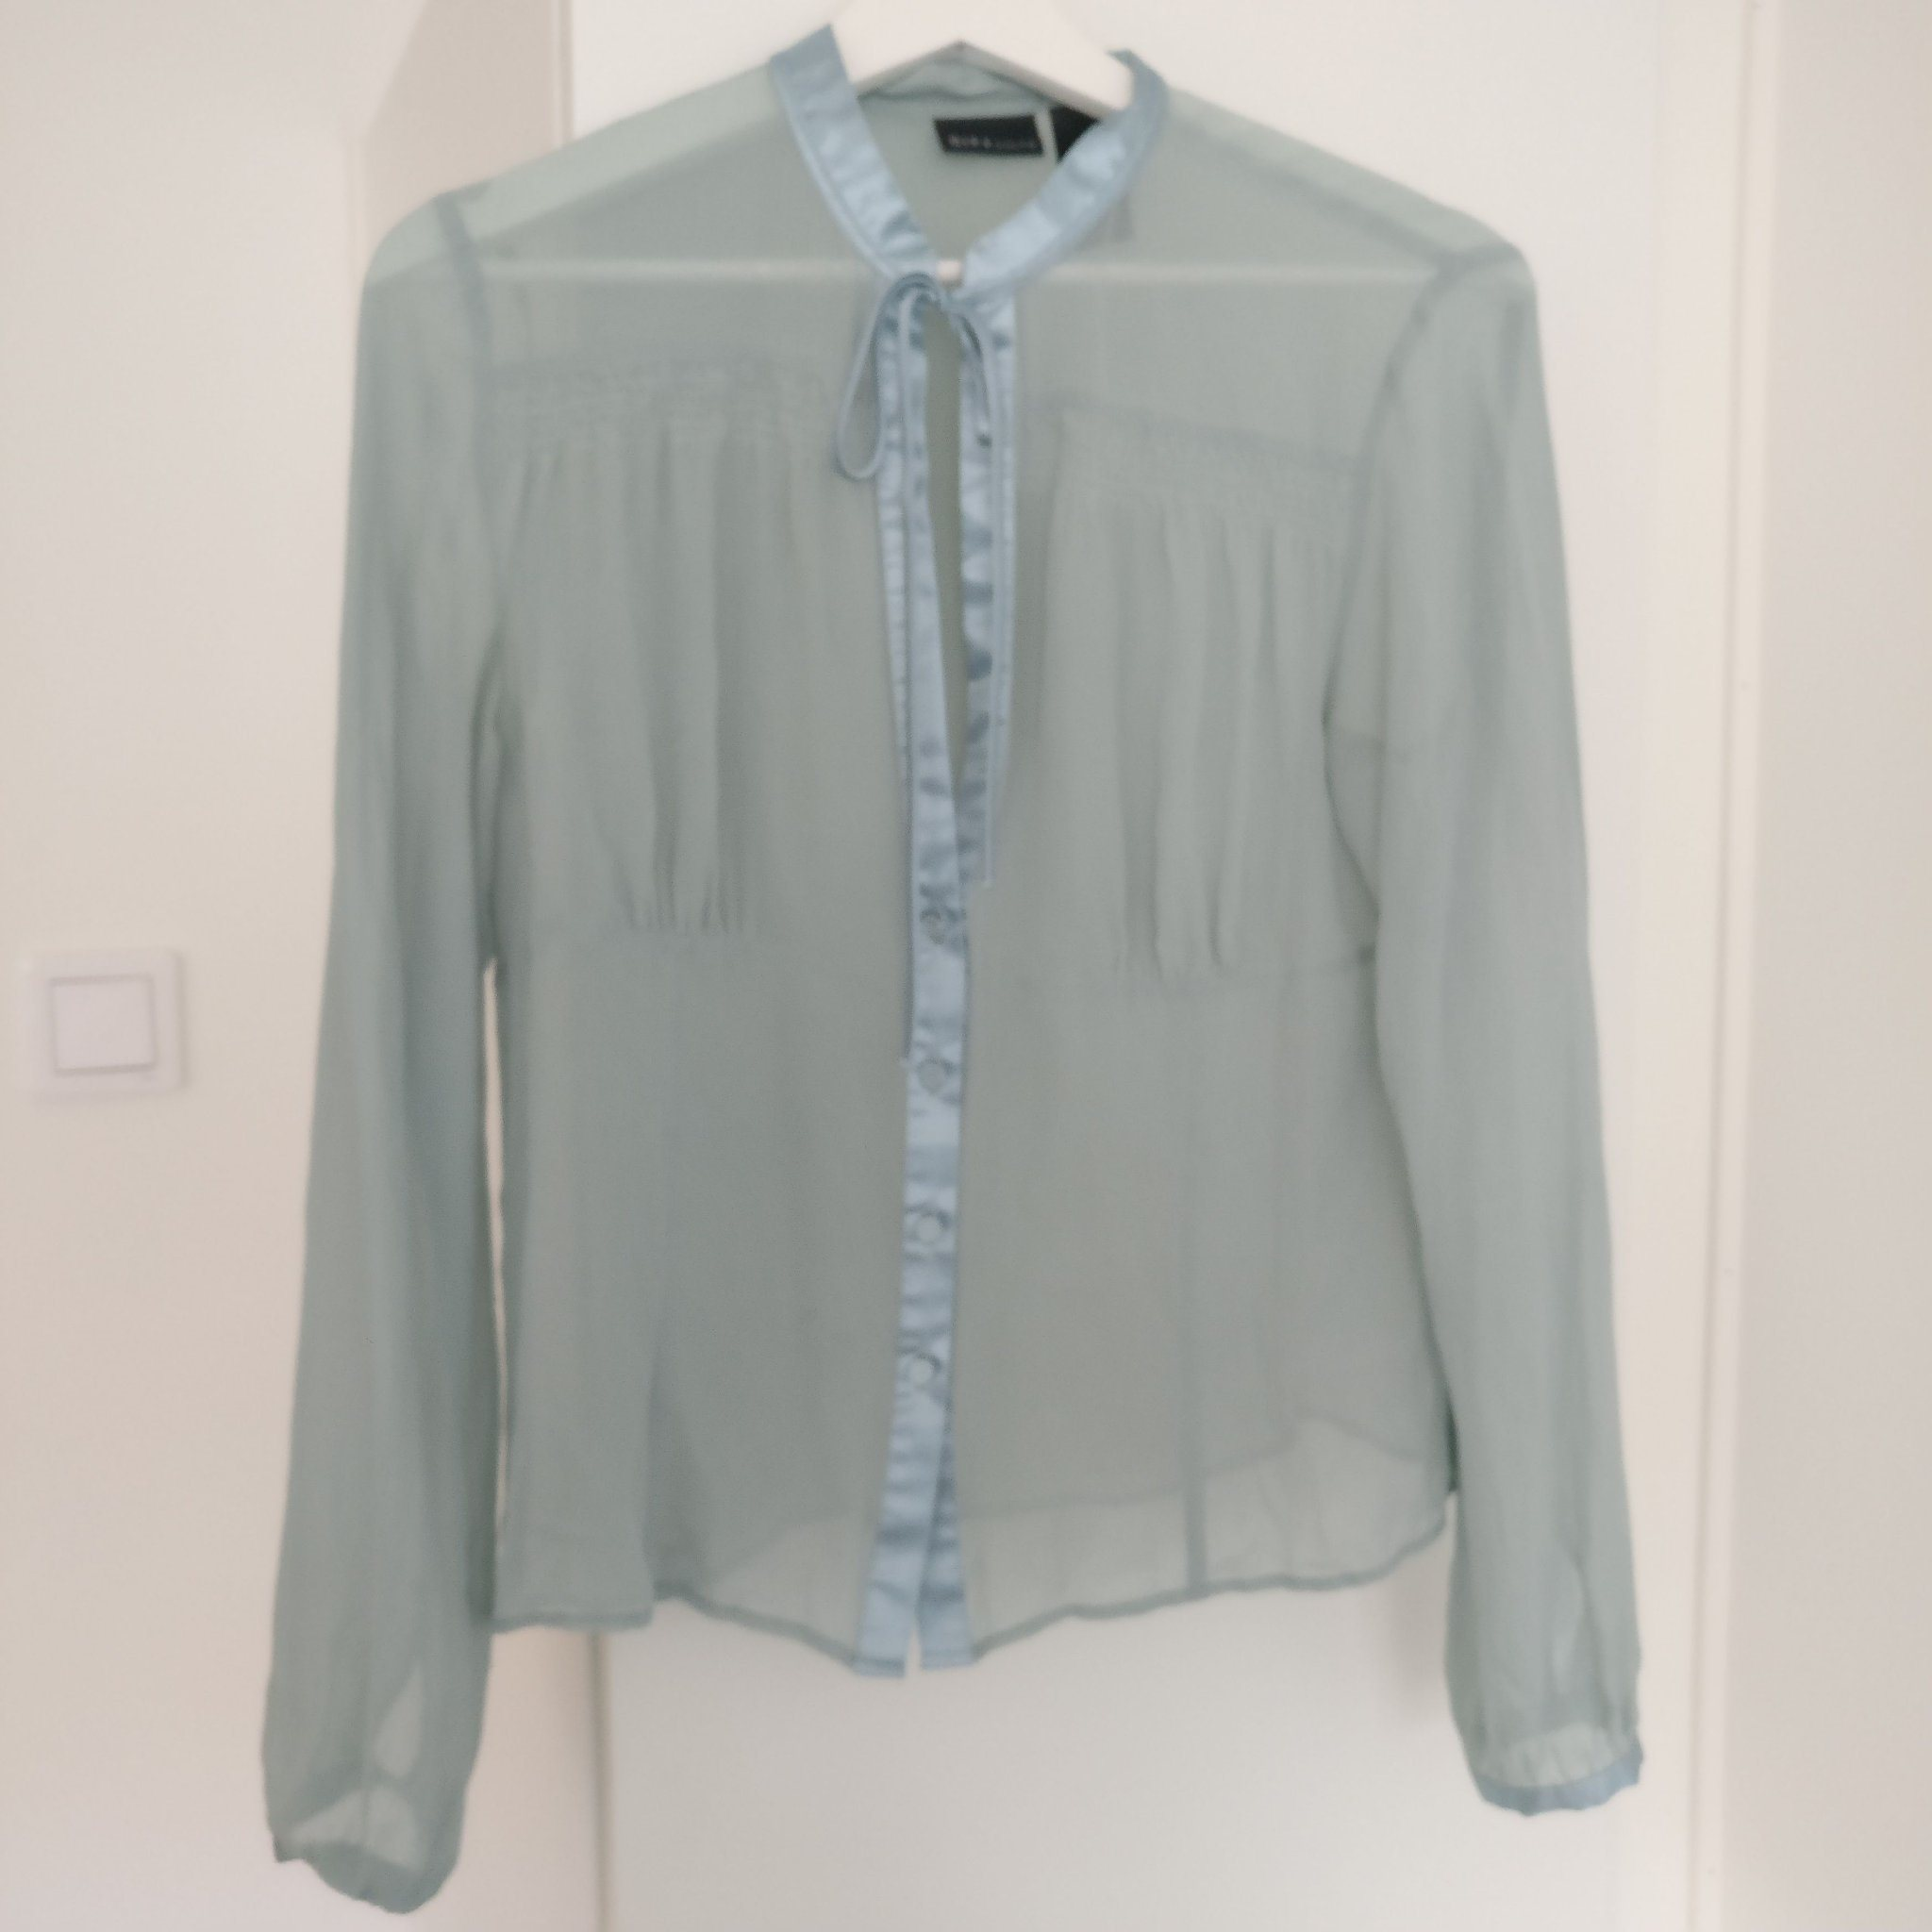 a6cd2a0600ce09 Silk bluse (340558384) ᐈ Köp på Tradera